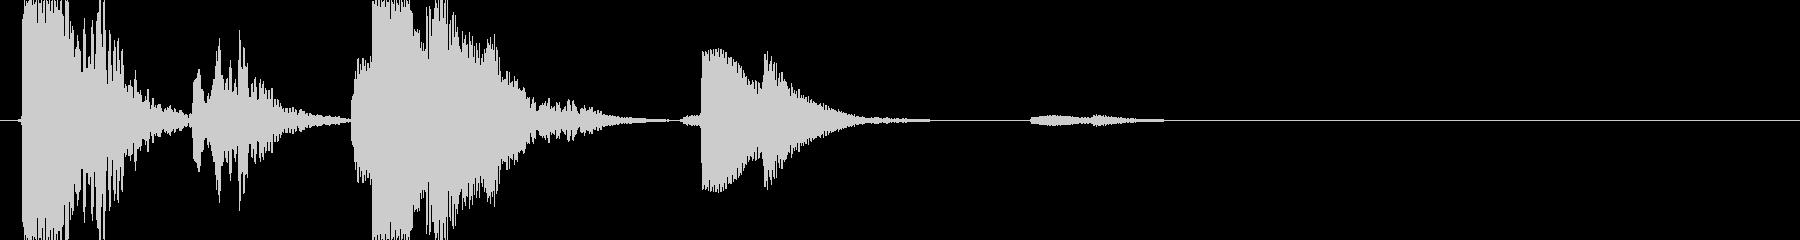 風鈴類の音の未再生の波形